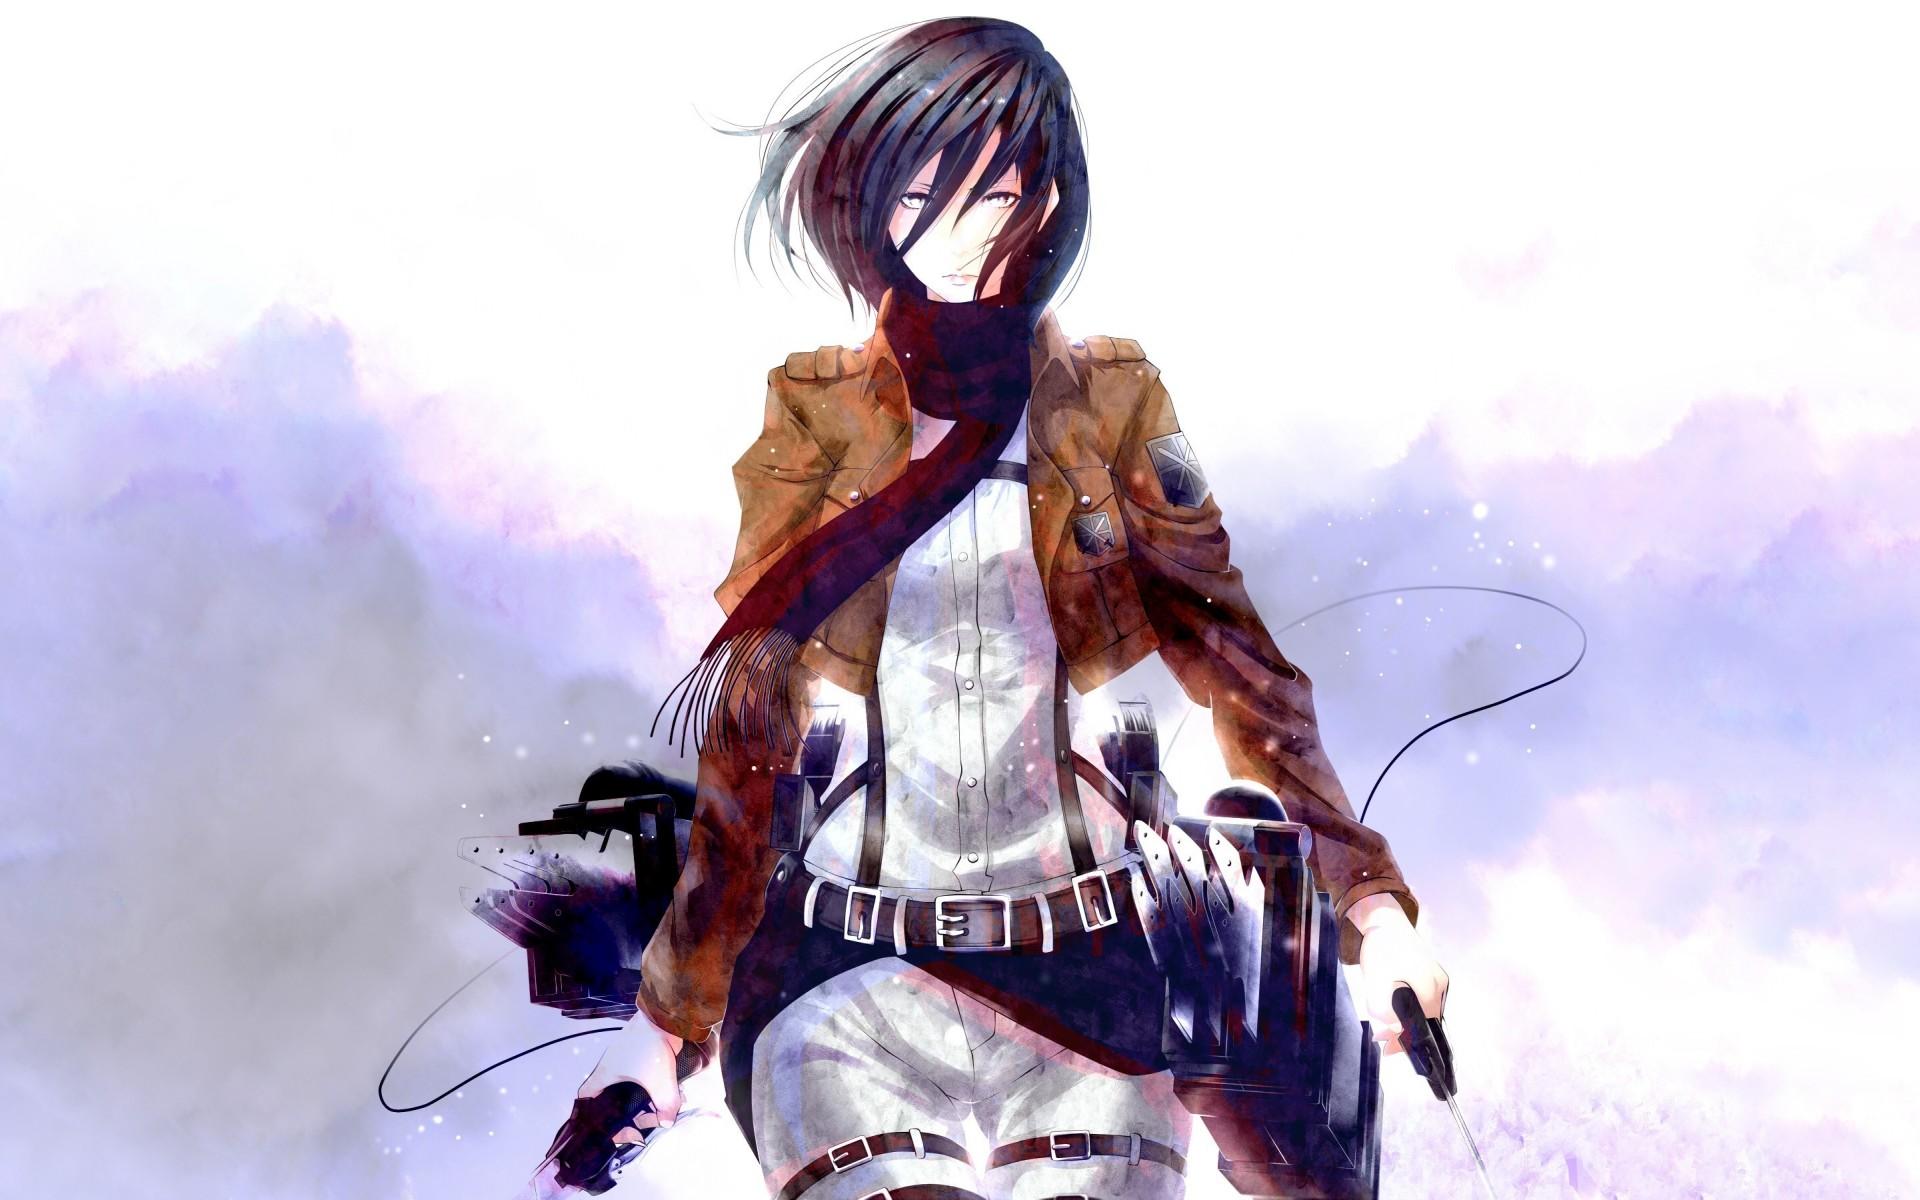 Shingeki no kyojin girl